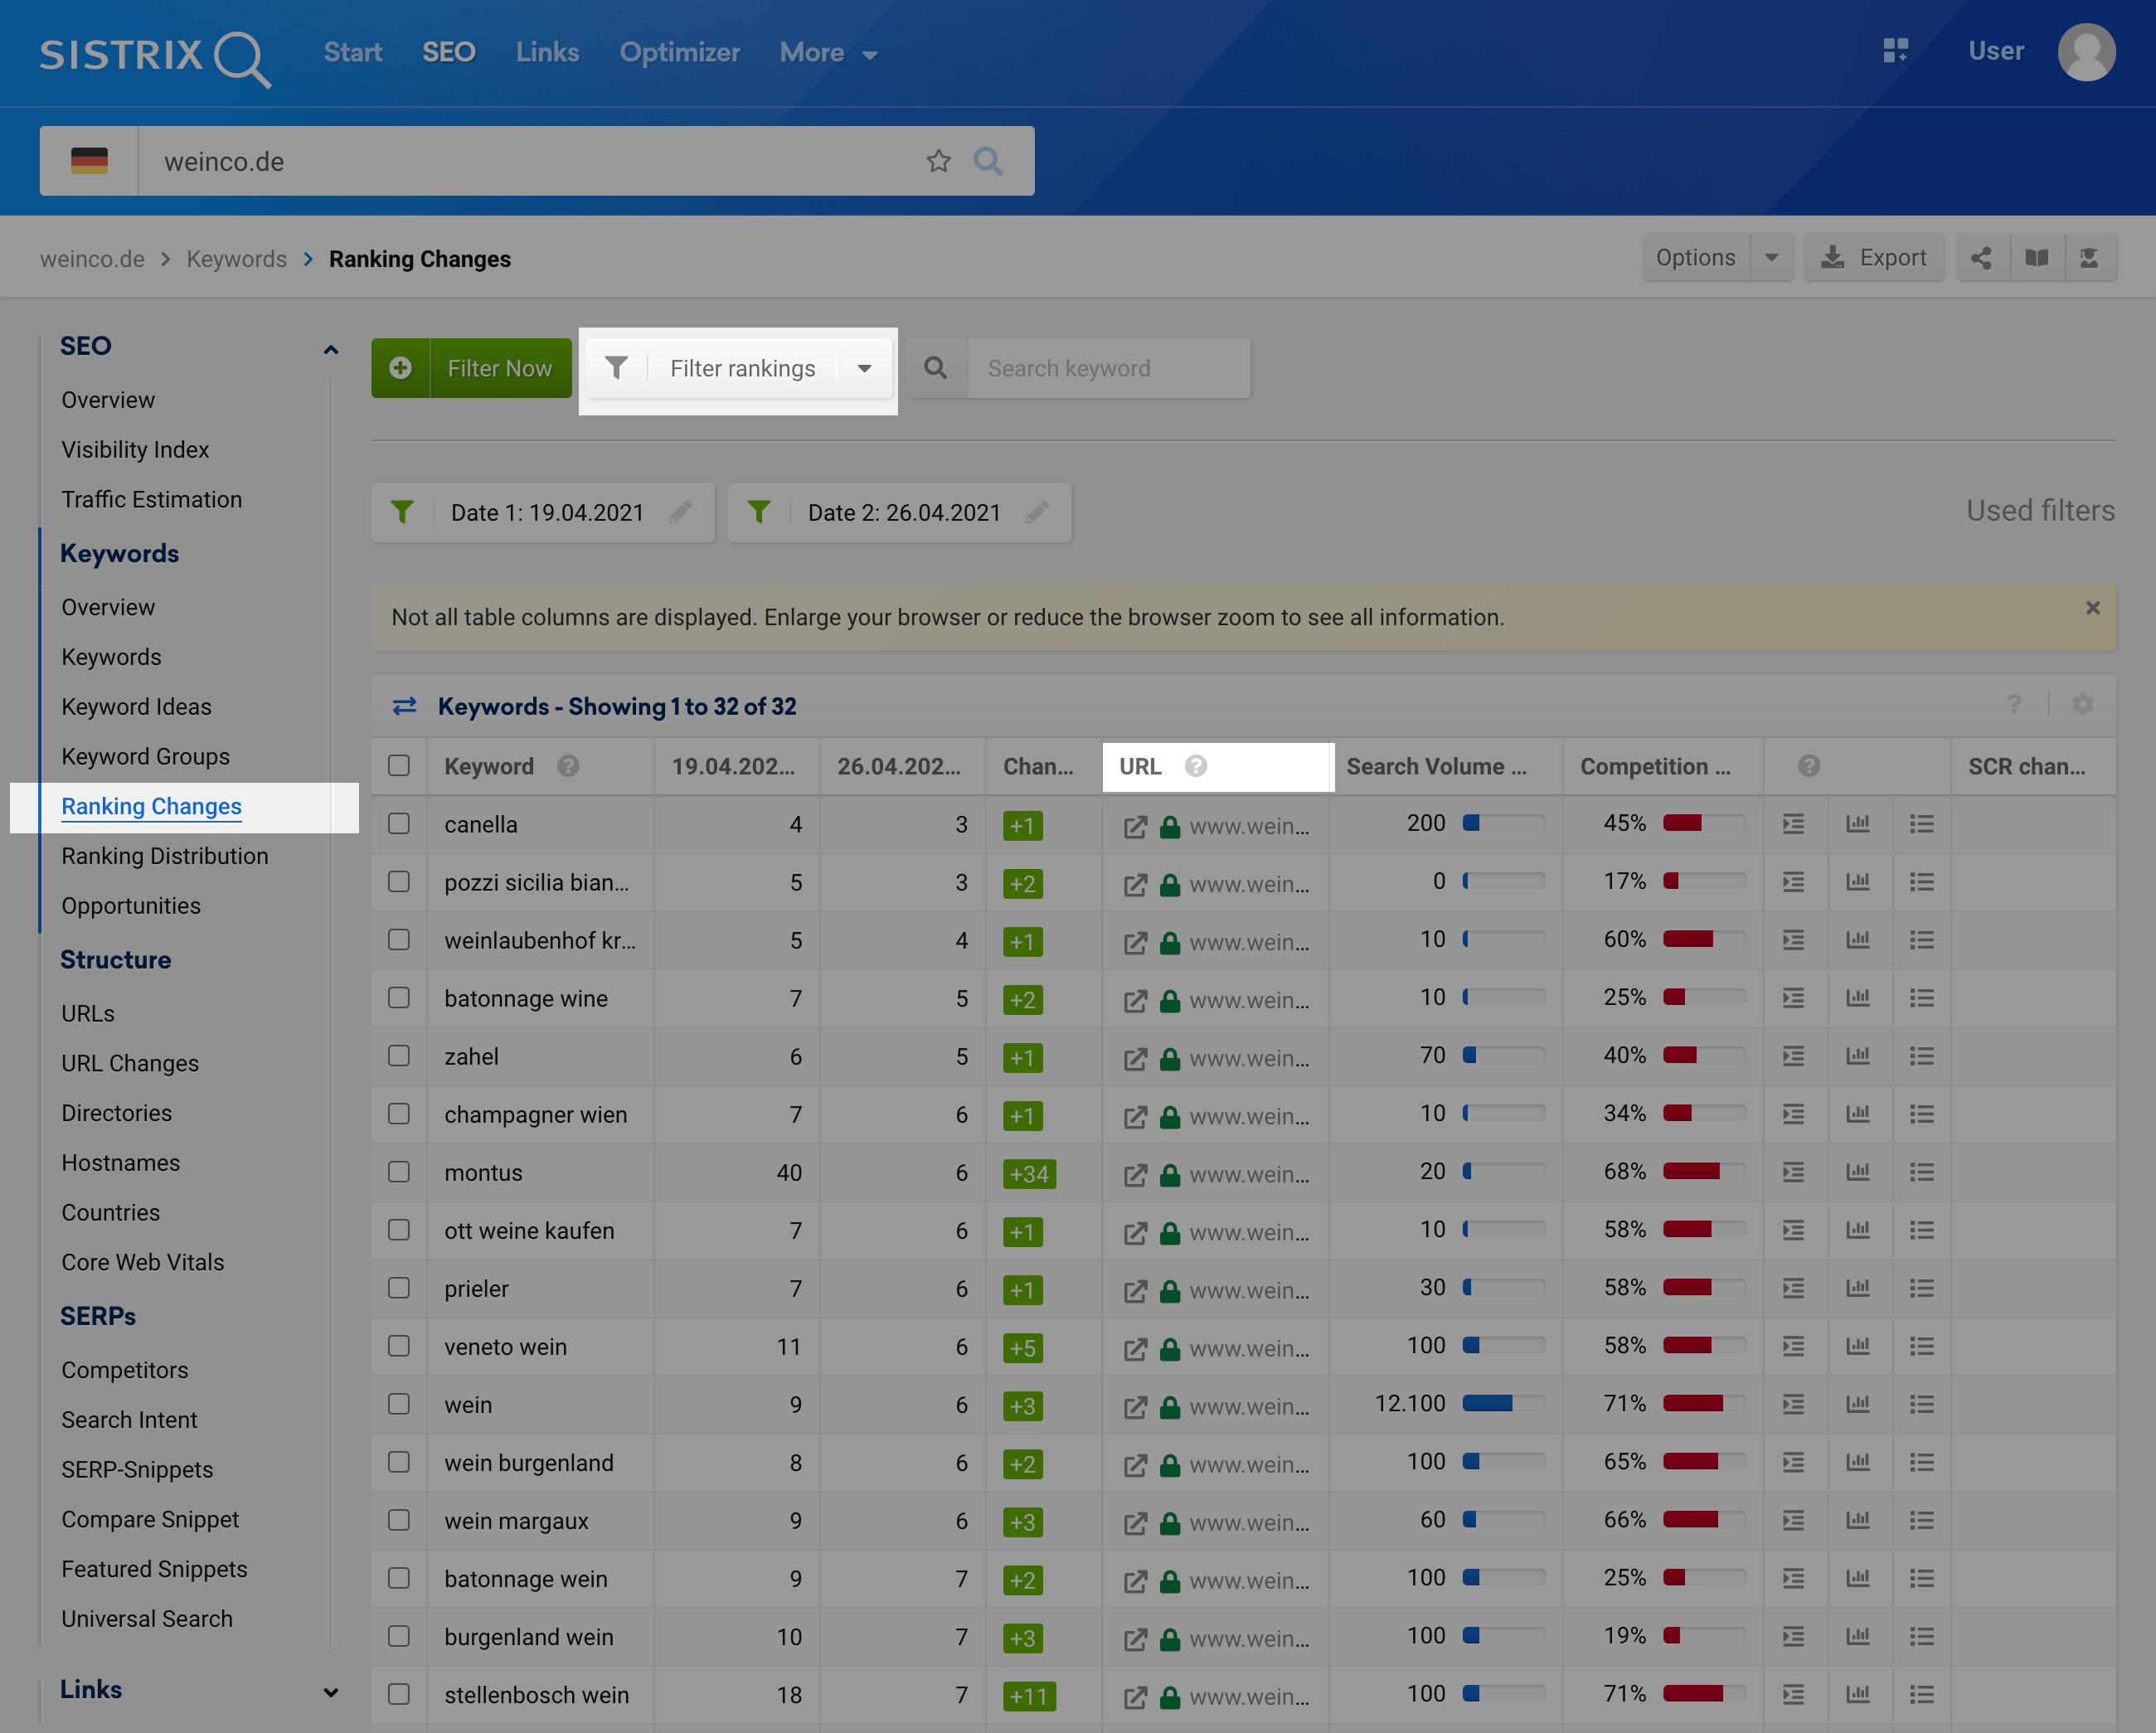 SISTRIX Ranking Changes